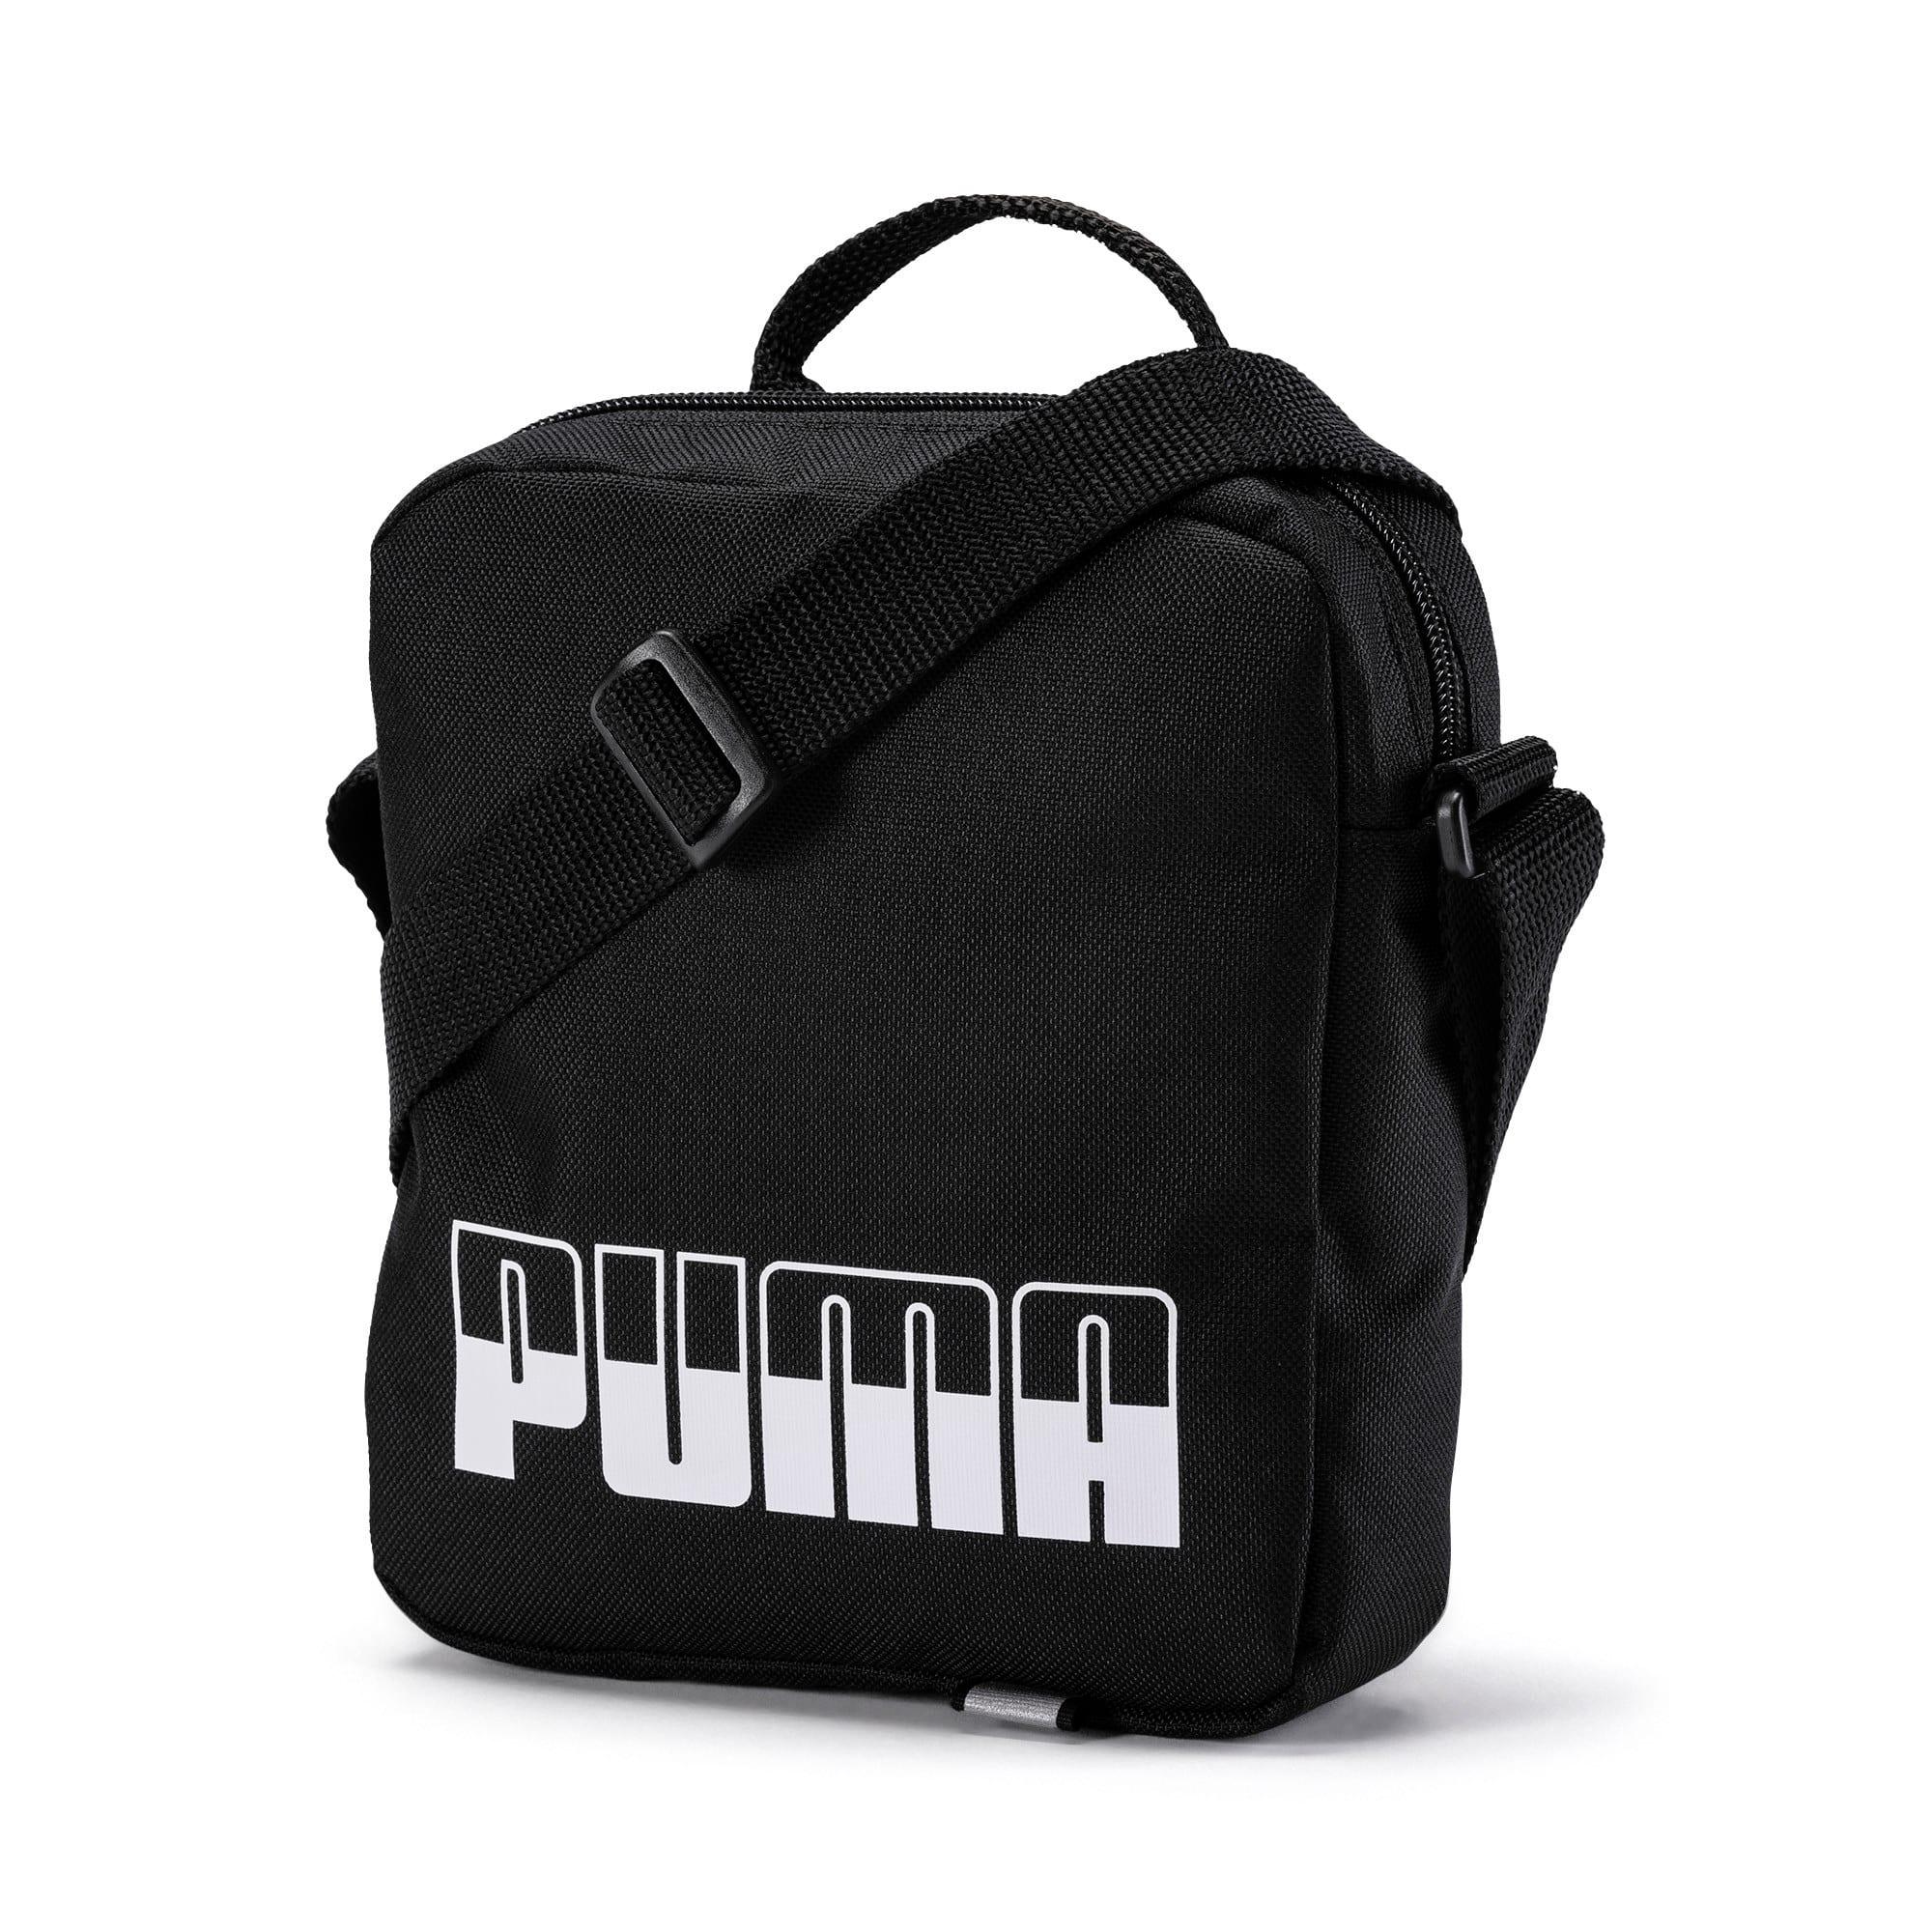 Thumbnail 1 of Plus Portable II Shoulder Bag, Puma Black, medium-IND